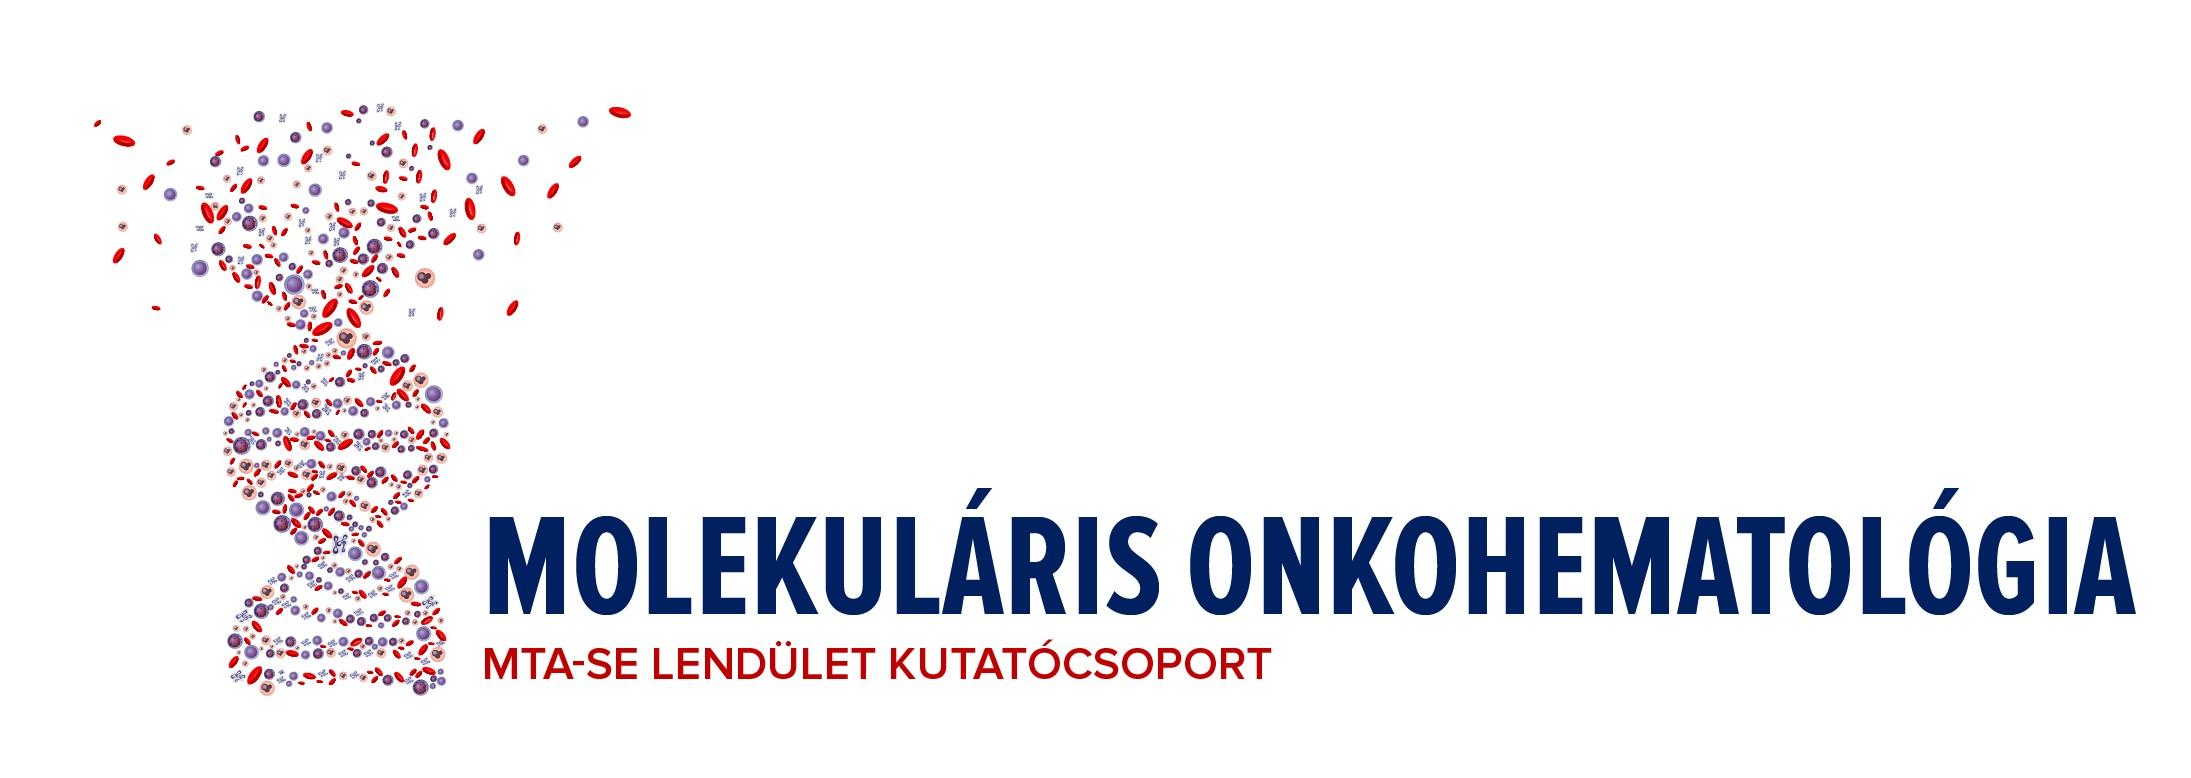 MOK 3 logo-01